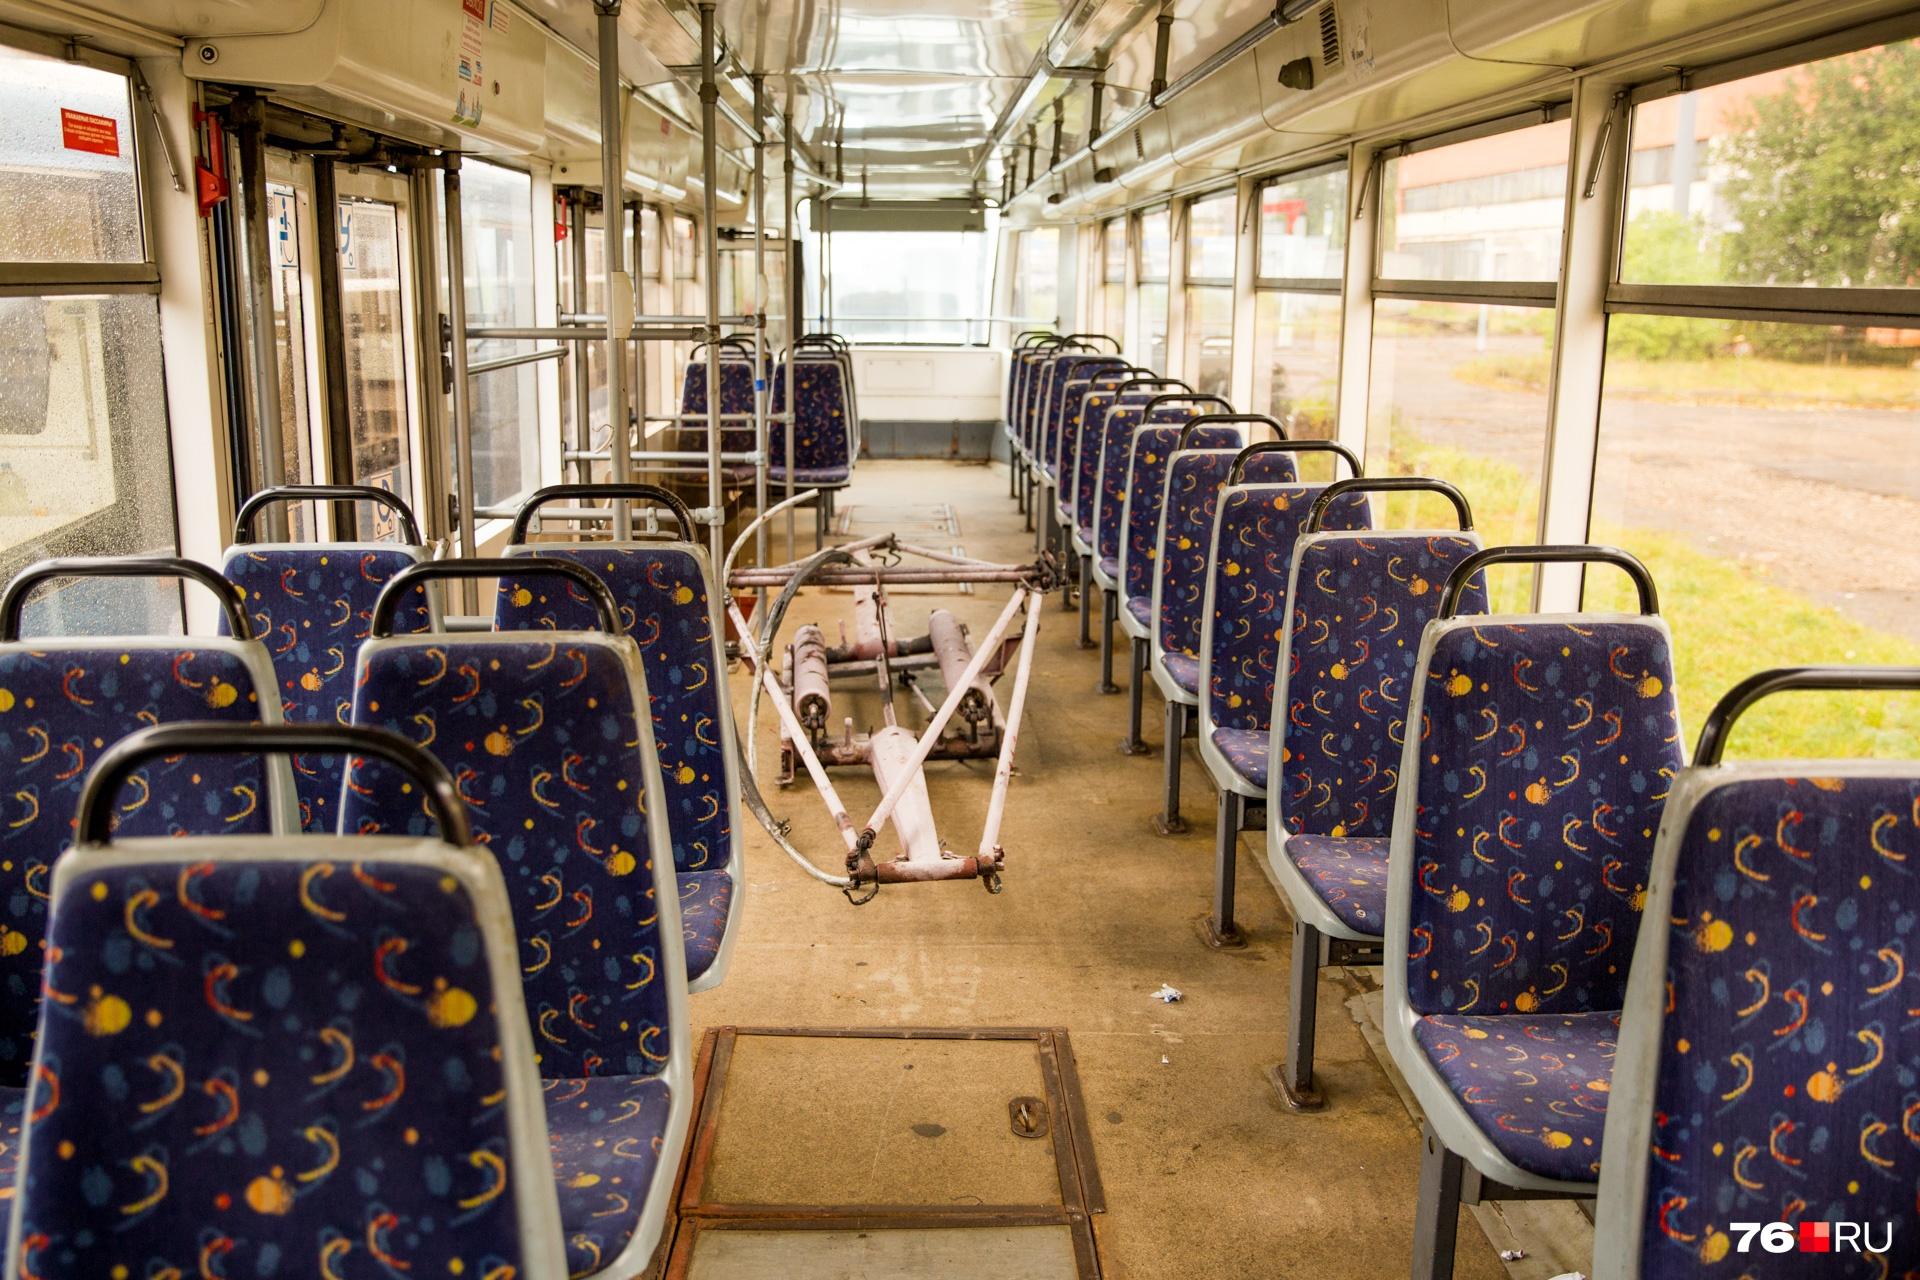 Обкатку в Ярославле трамваи ещё не проходили, но в «ЯрГорЭлектроТрансе» говорят, что в Москве встречаются рельсы более «убитые», чем у нас